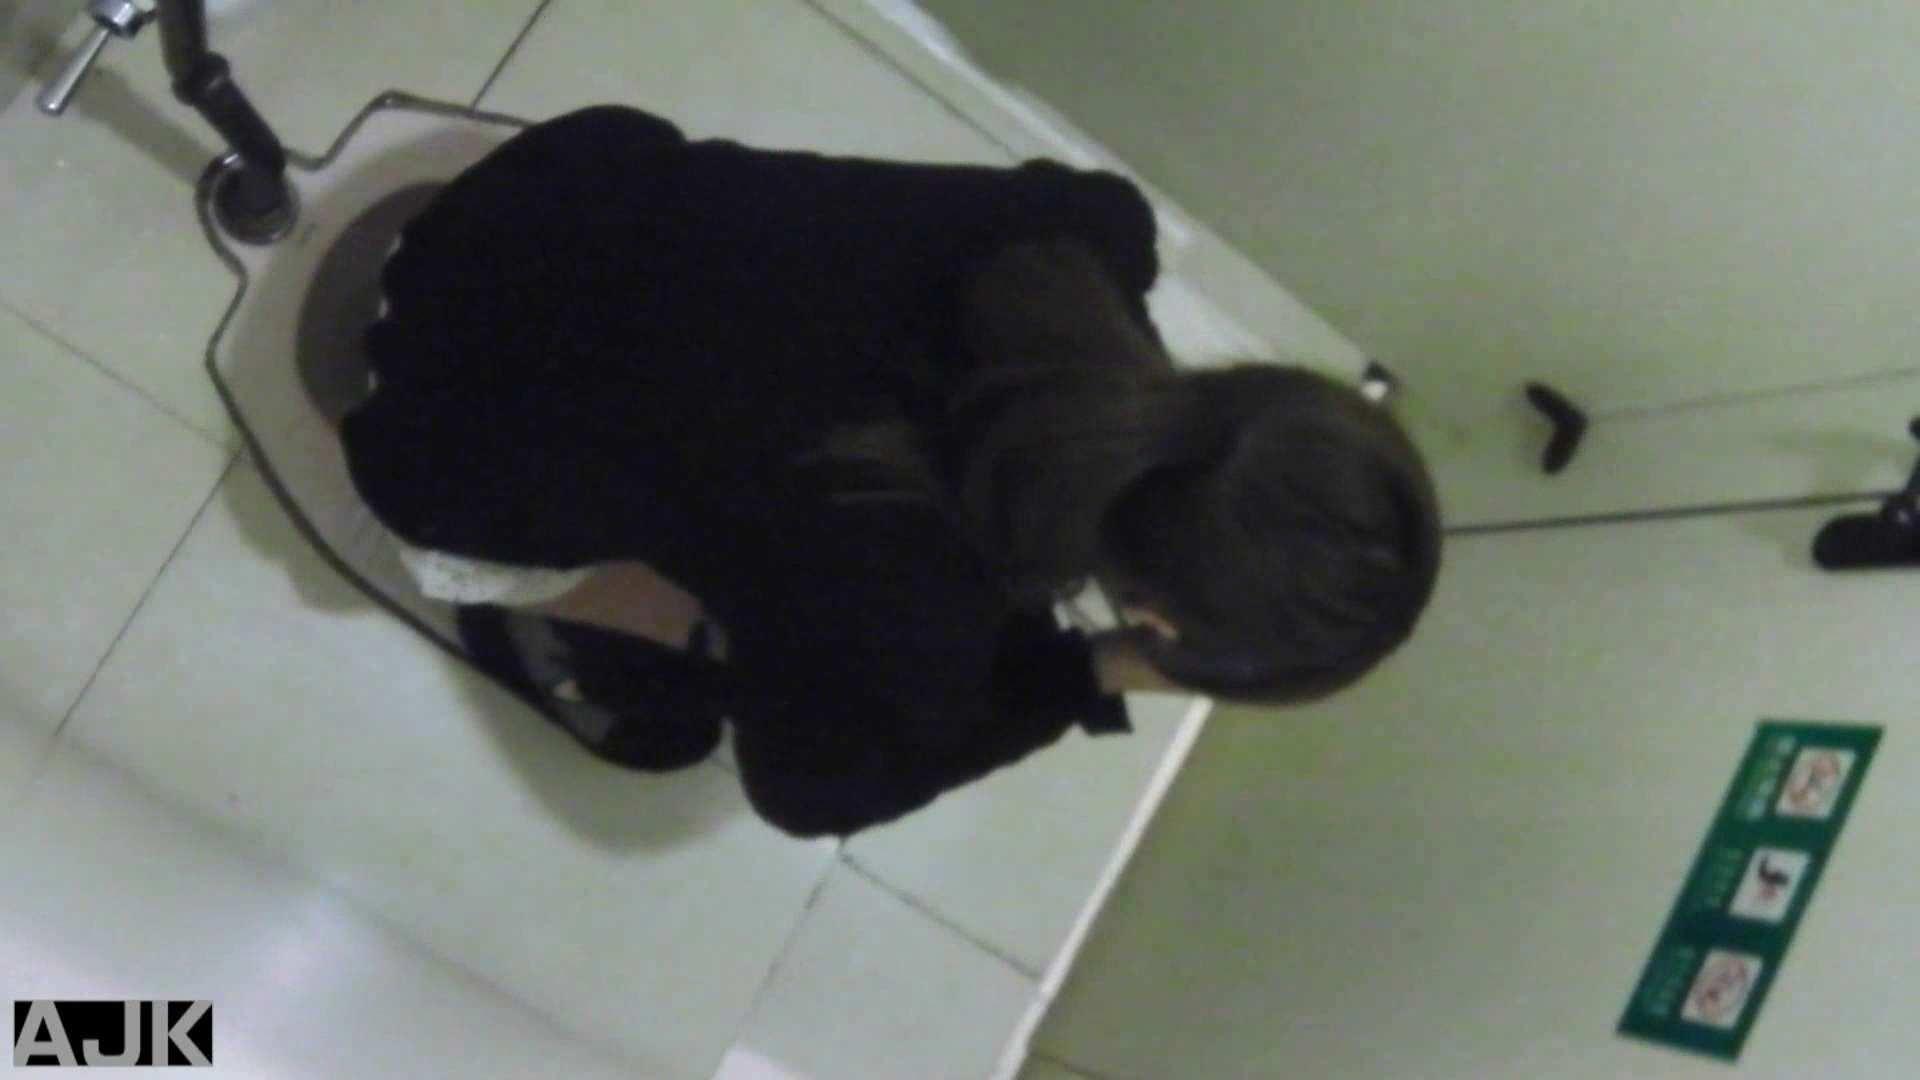 隣国上階級エリアの令嬢たちが集うデパートお手洗い Vol.27 OLの実態  35pic 26